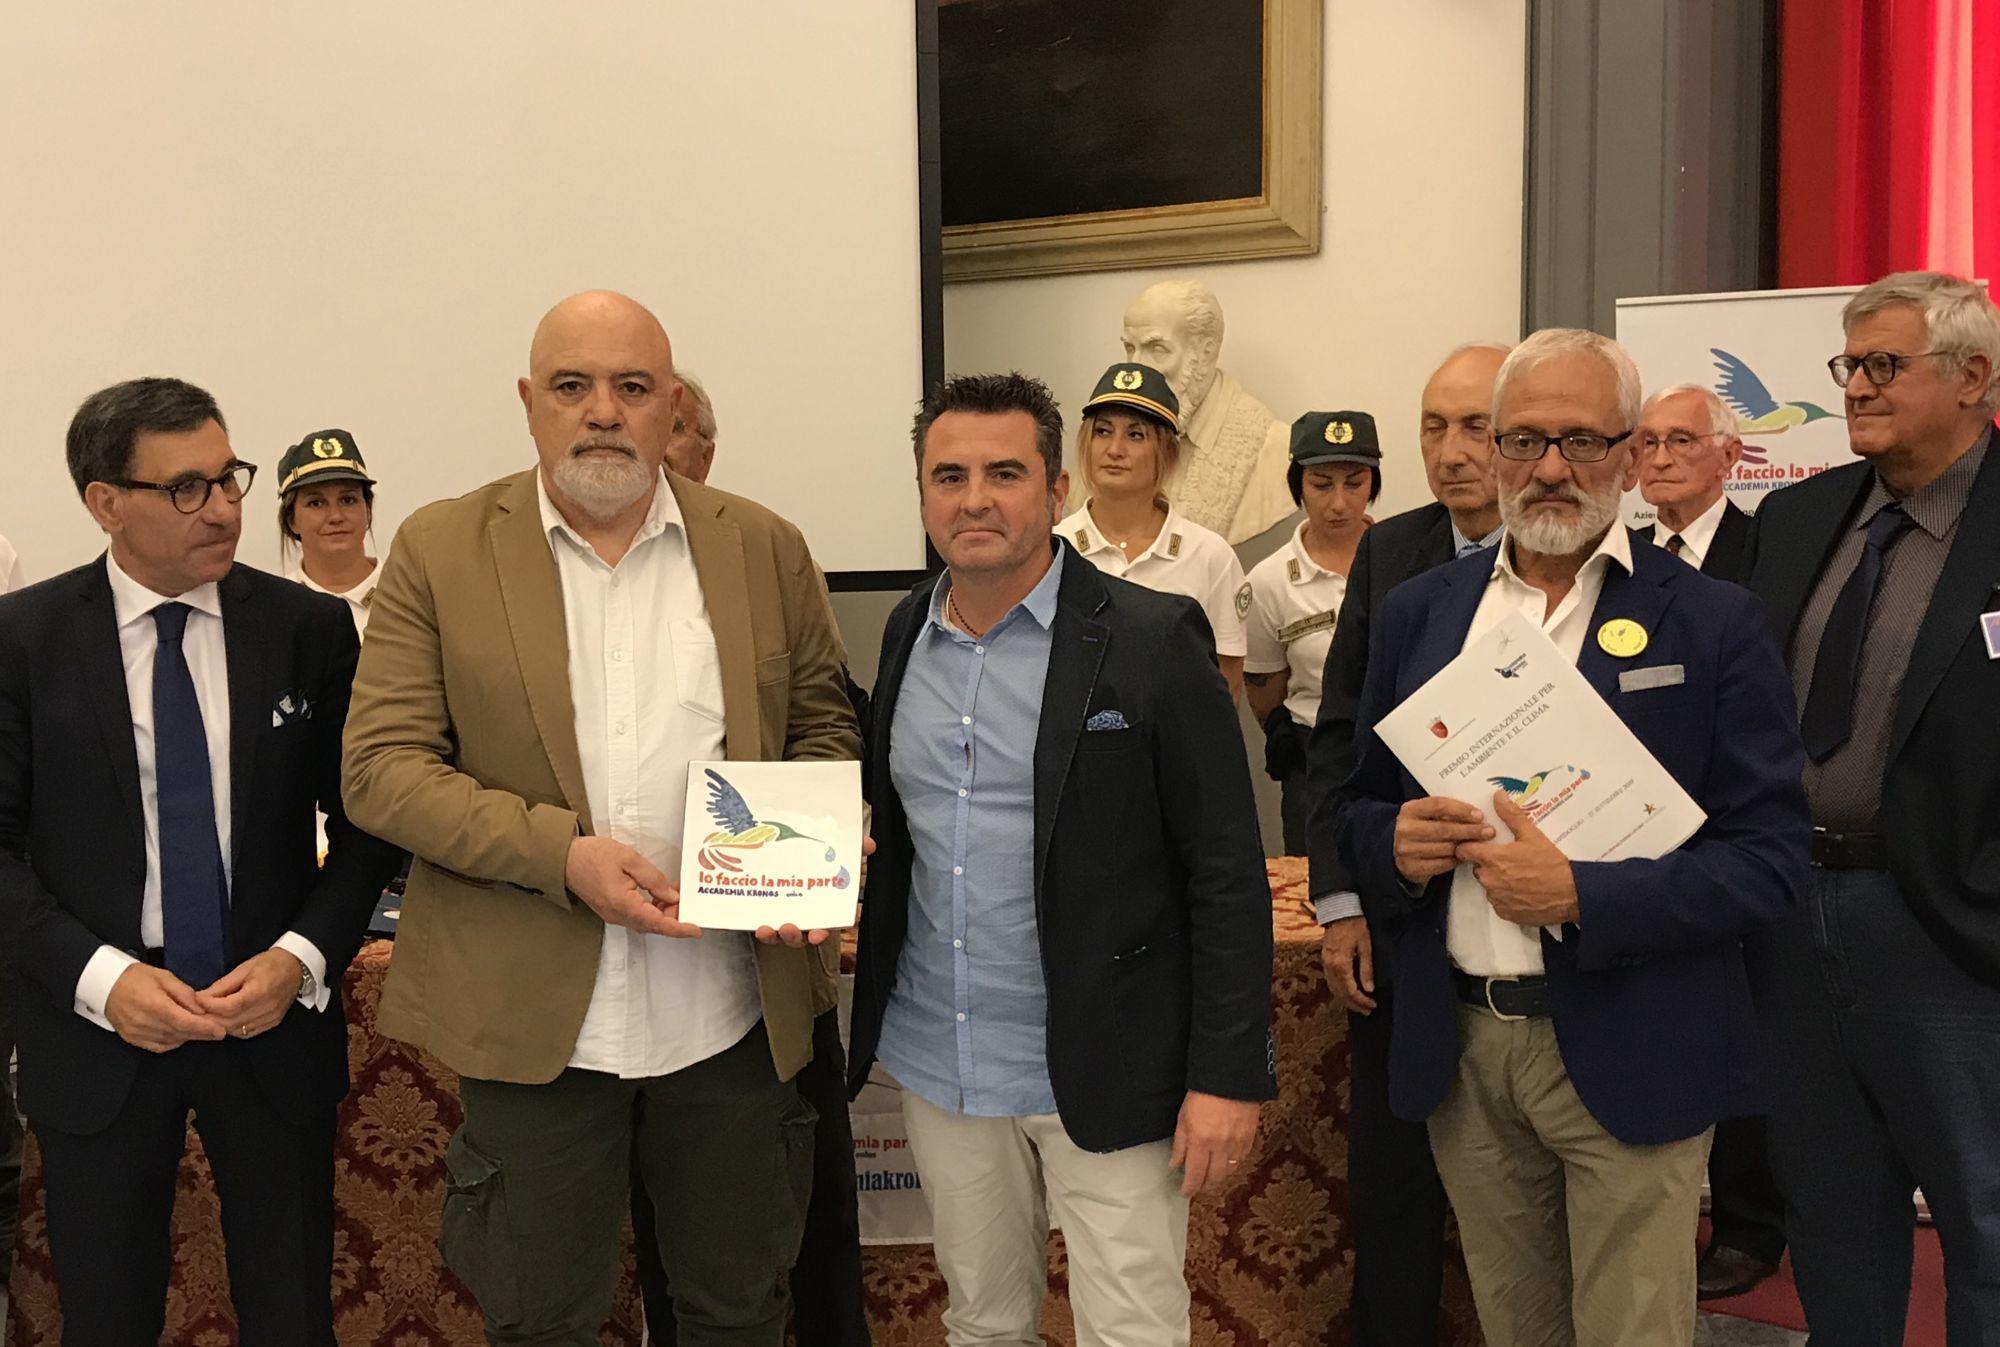 Premio Kronos, riconoscimento ad Allegrucci e Vannucci per i carri del carnevale dedicati all'ambiente